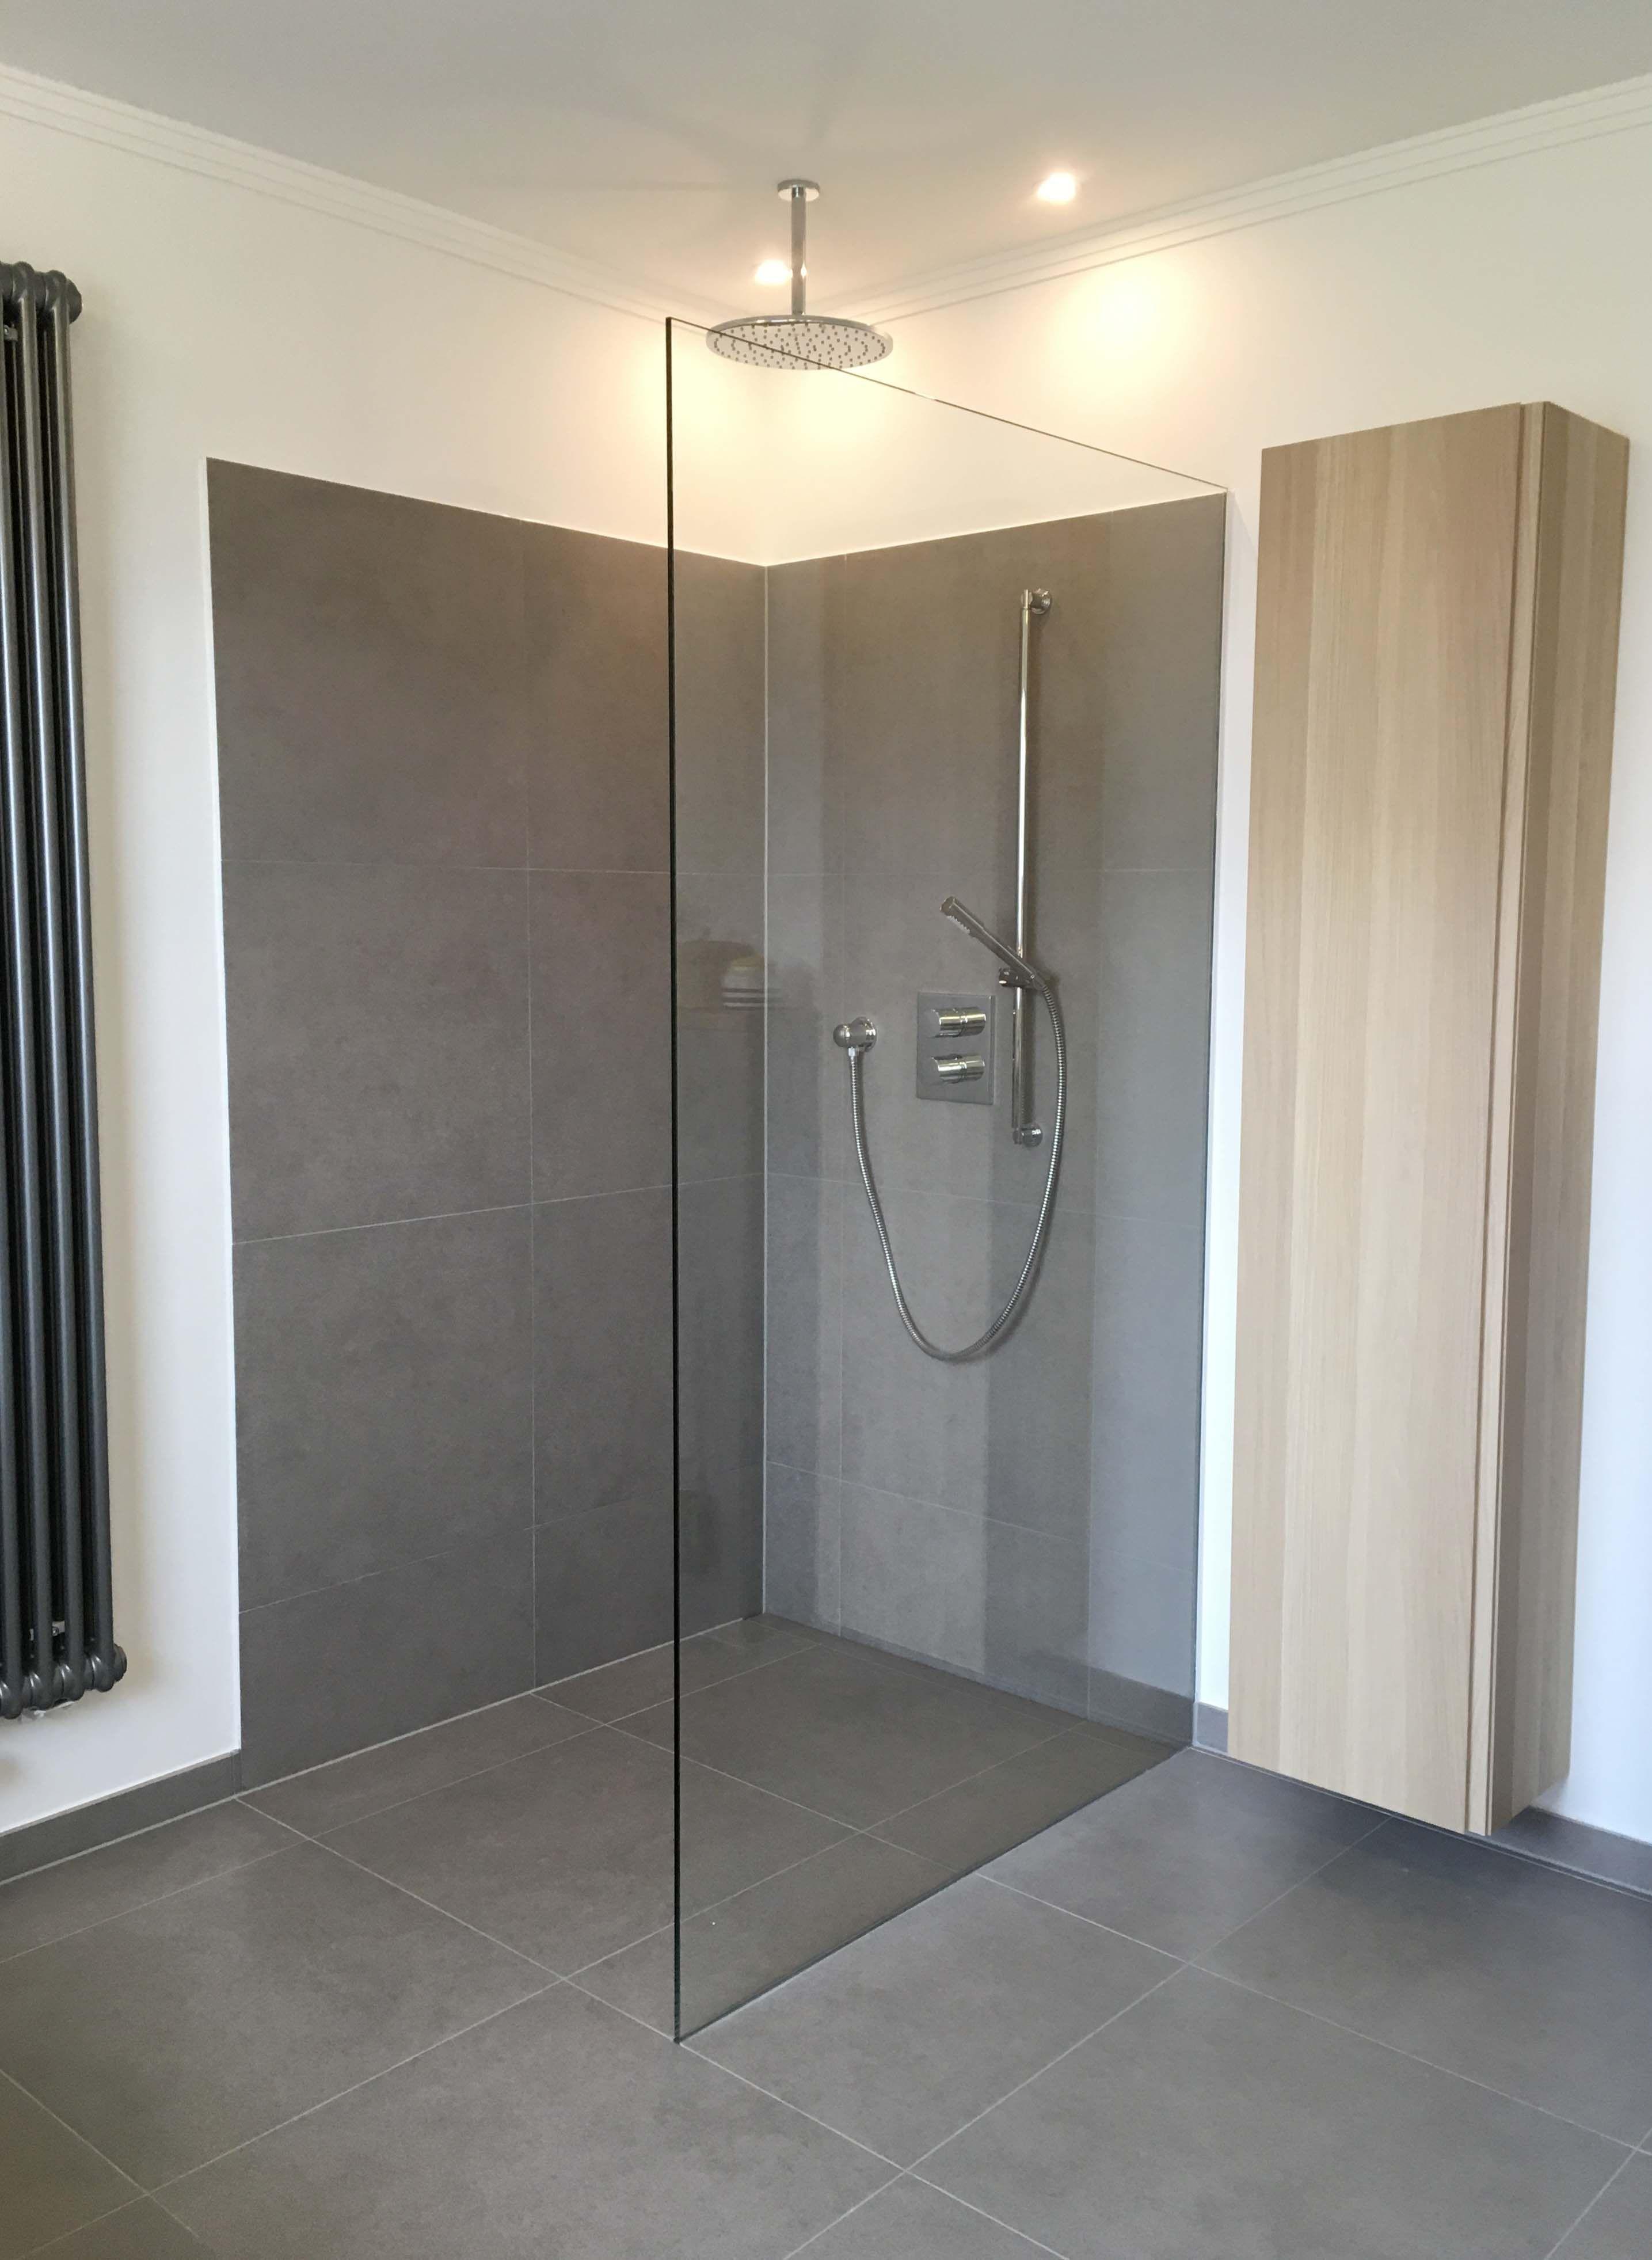 Dusche Ebenerdig Grau Fliesen Glasabtrennung Rainshower In 2020 Graue Fliesen Badezimmer Dusche Fliesen Glastrennwand